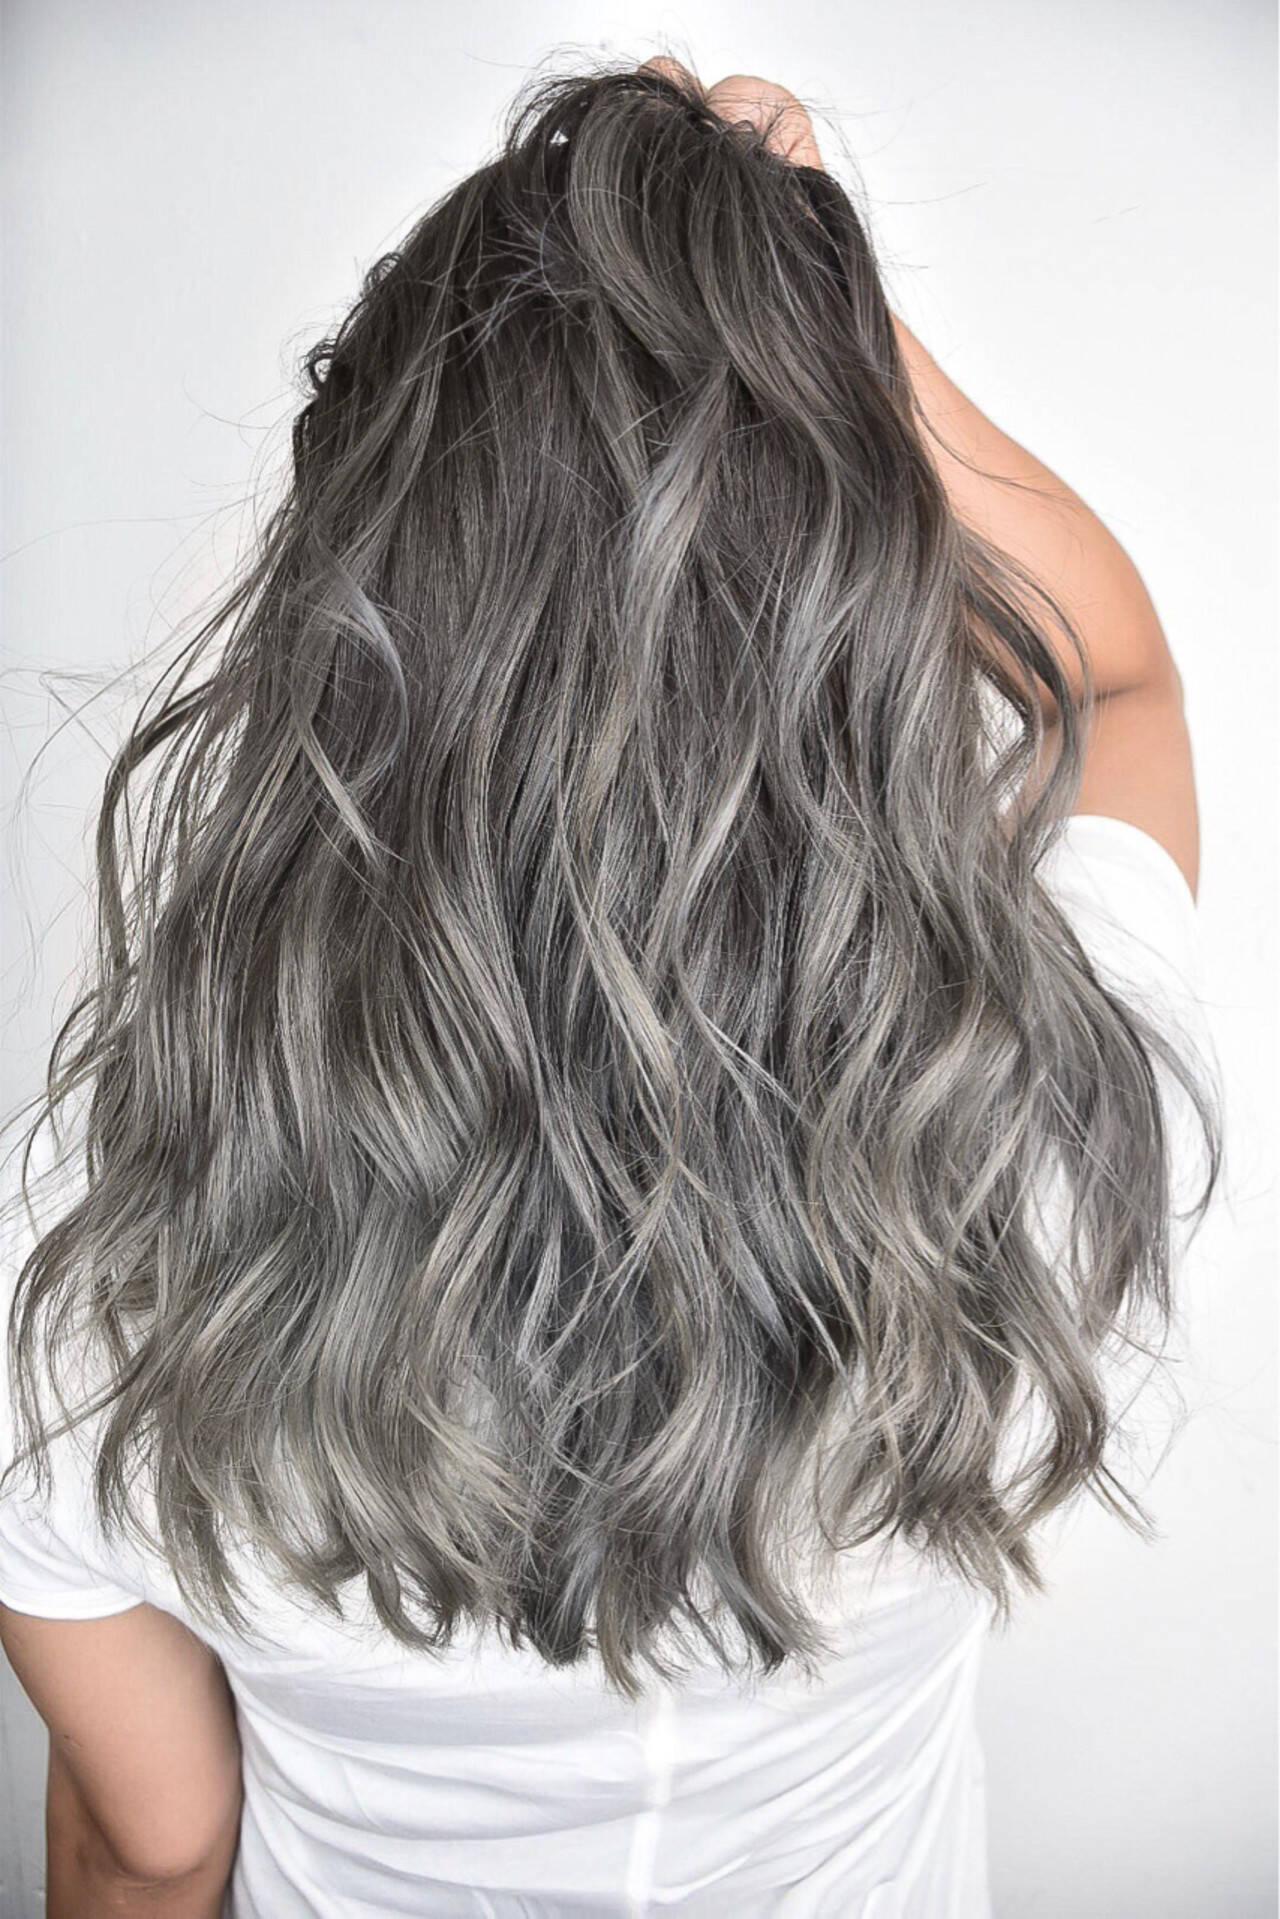 ストリート ハイライト ロング 外国人風カラーヘアスタイルや髪型の写真・画像